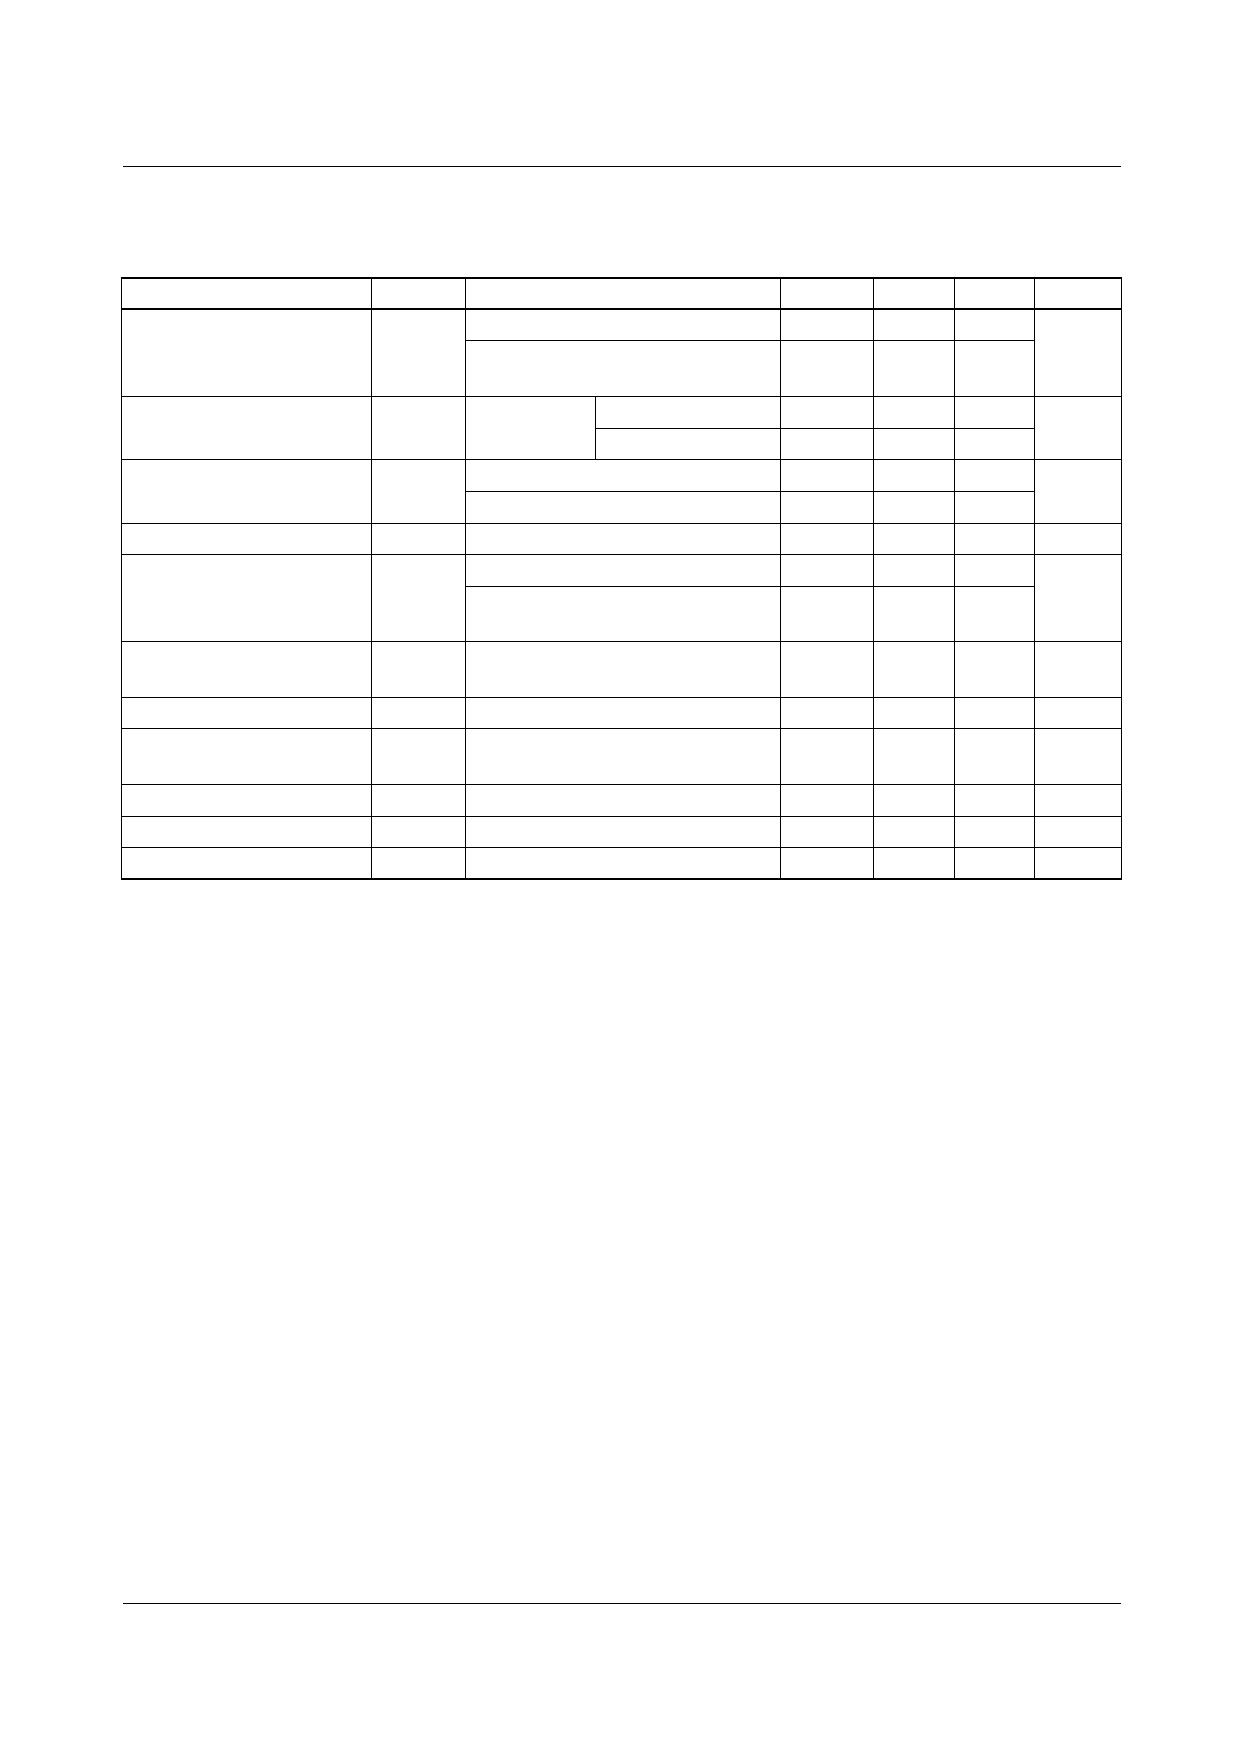 KA78M10R pdf, ピン配列